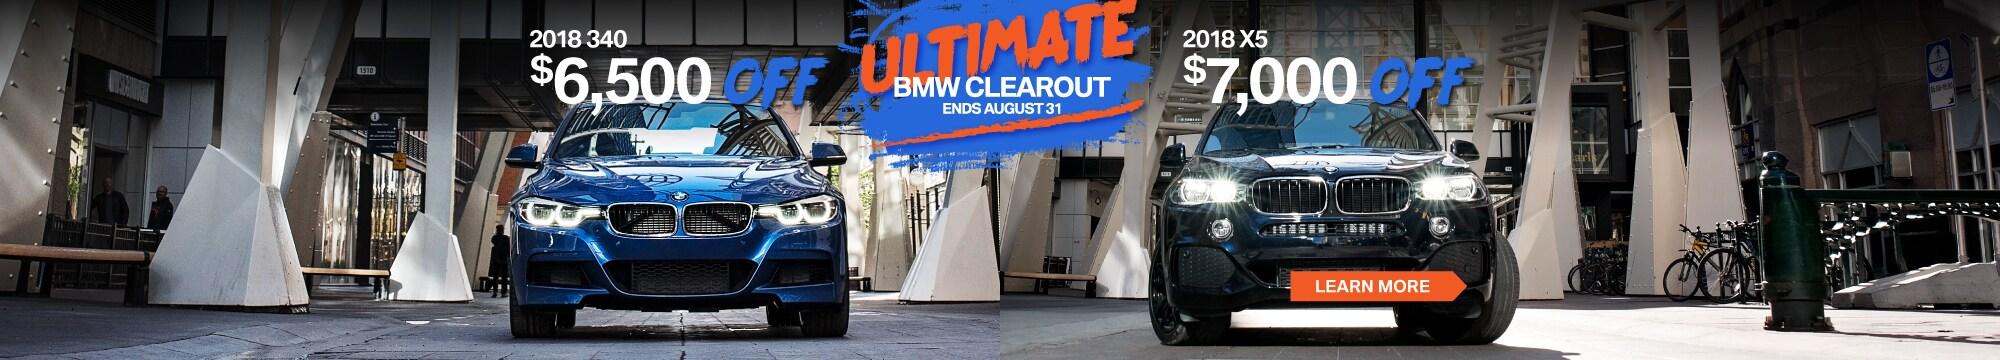 Calgary BMW | BMW Dealership in Calgary, AB